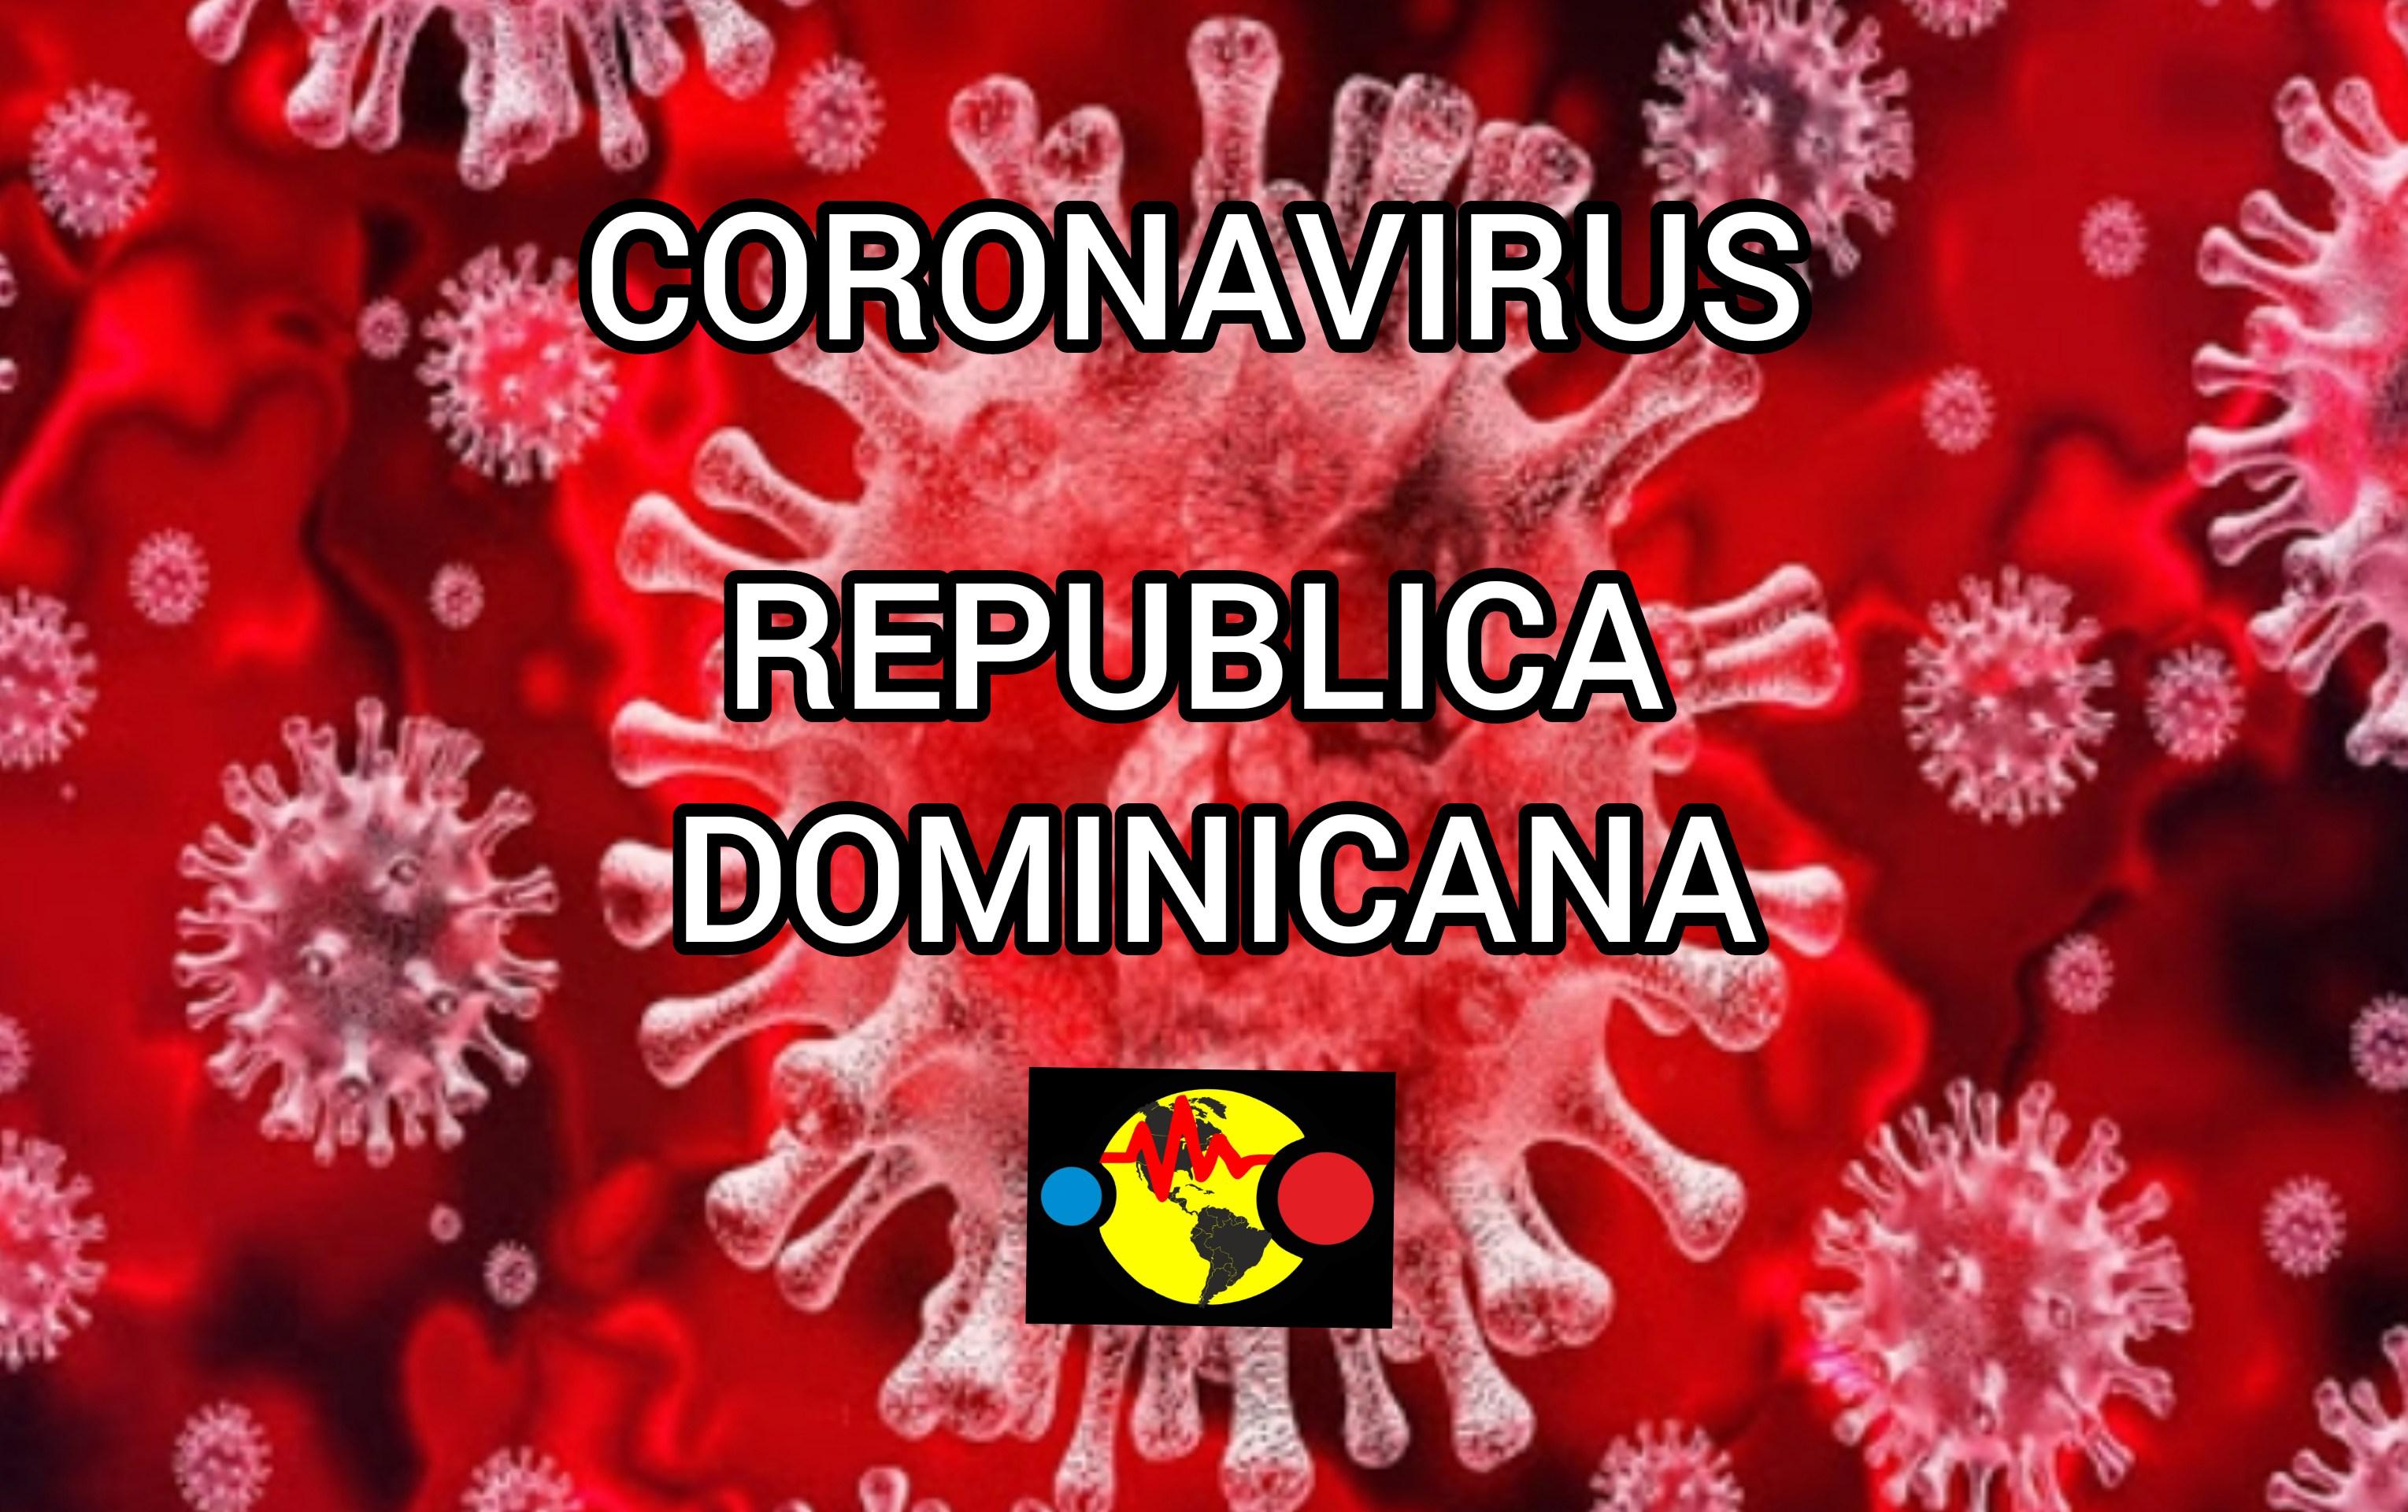 Коронавирус в Доминикане последние новости - 1 апреля iDominicana.com